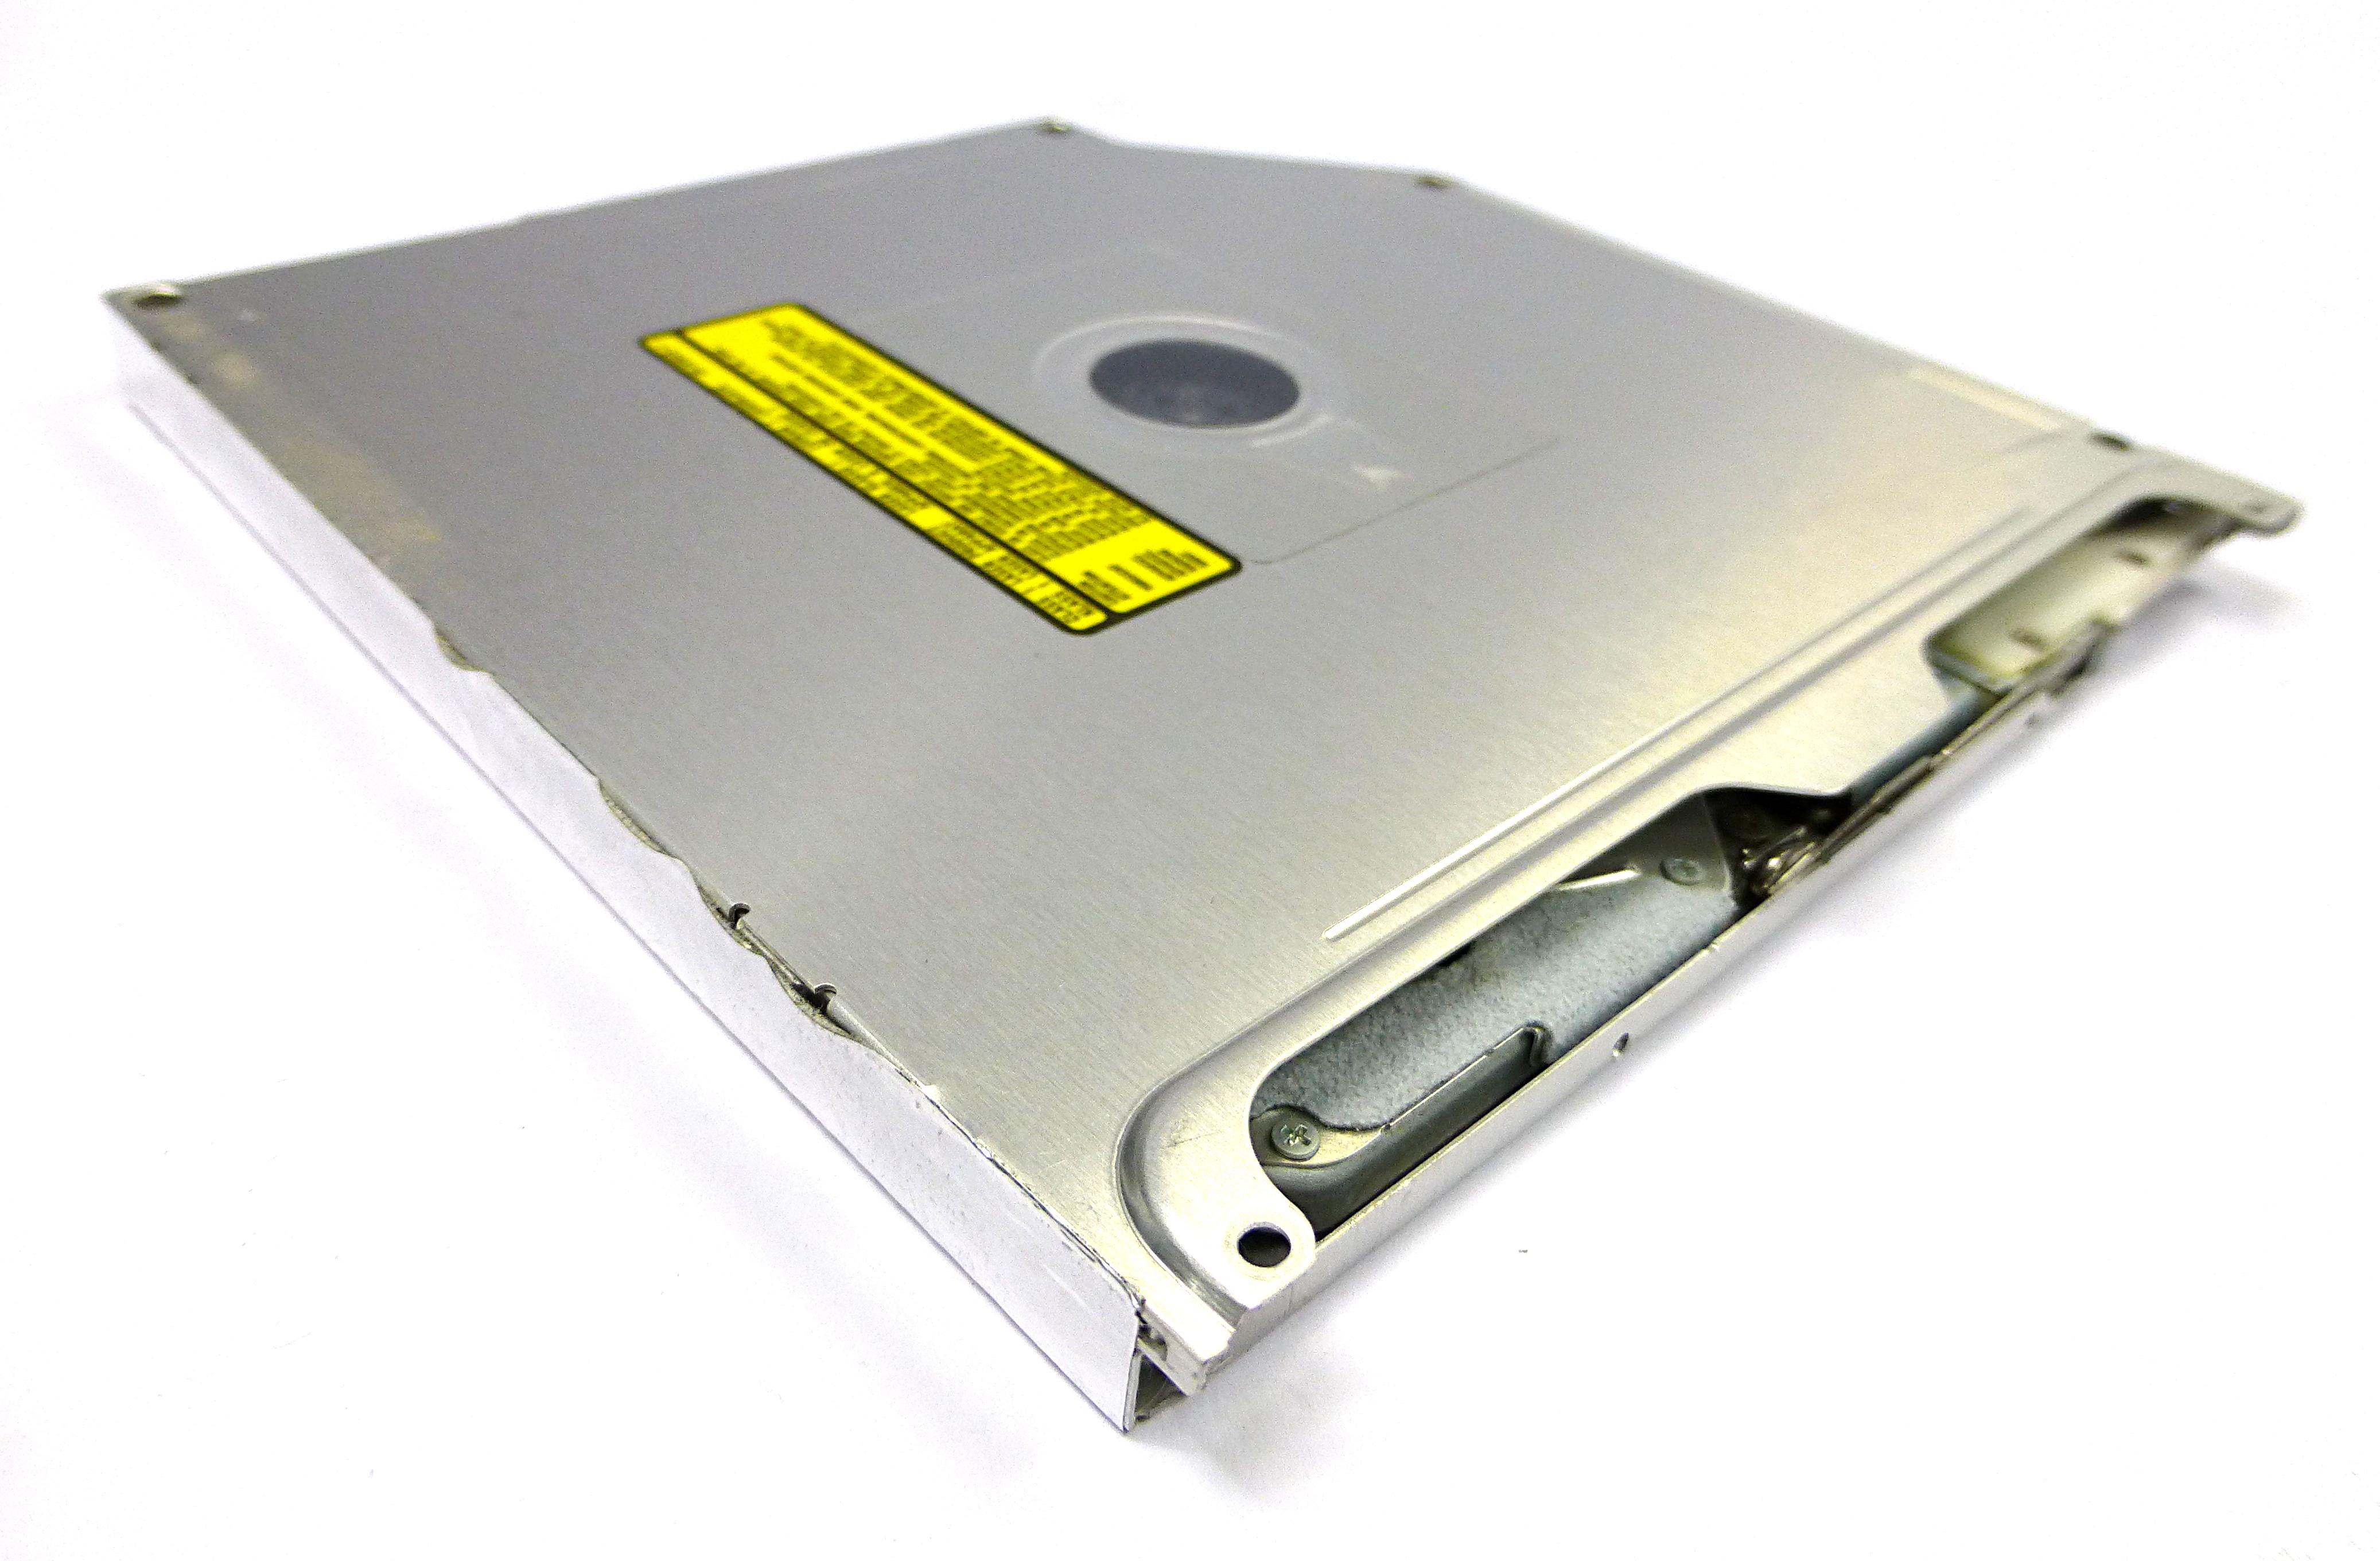 678-0592F Apple Super 898A Optical Drive Model:UJ898 /f MBP A1297 Early-2011